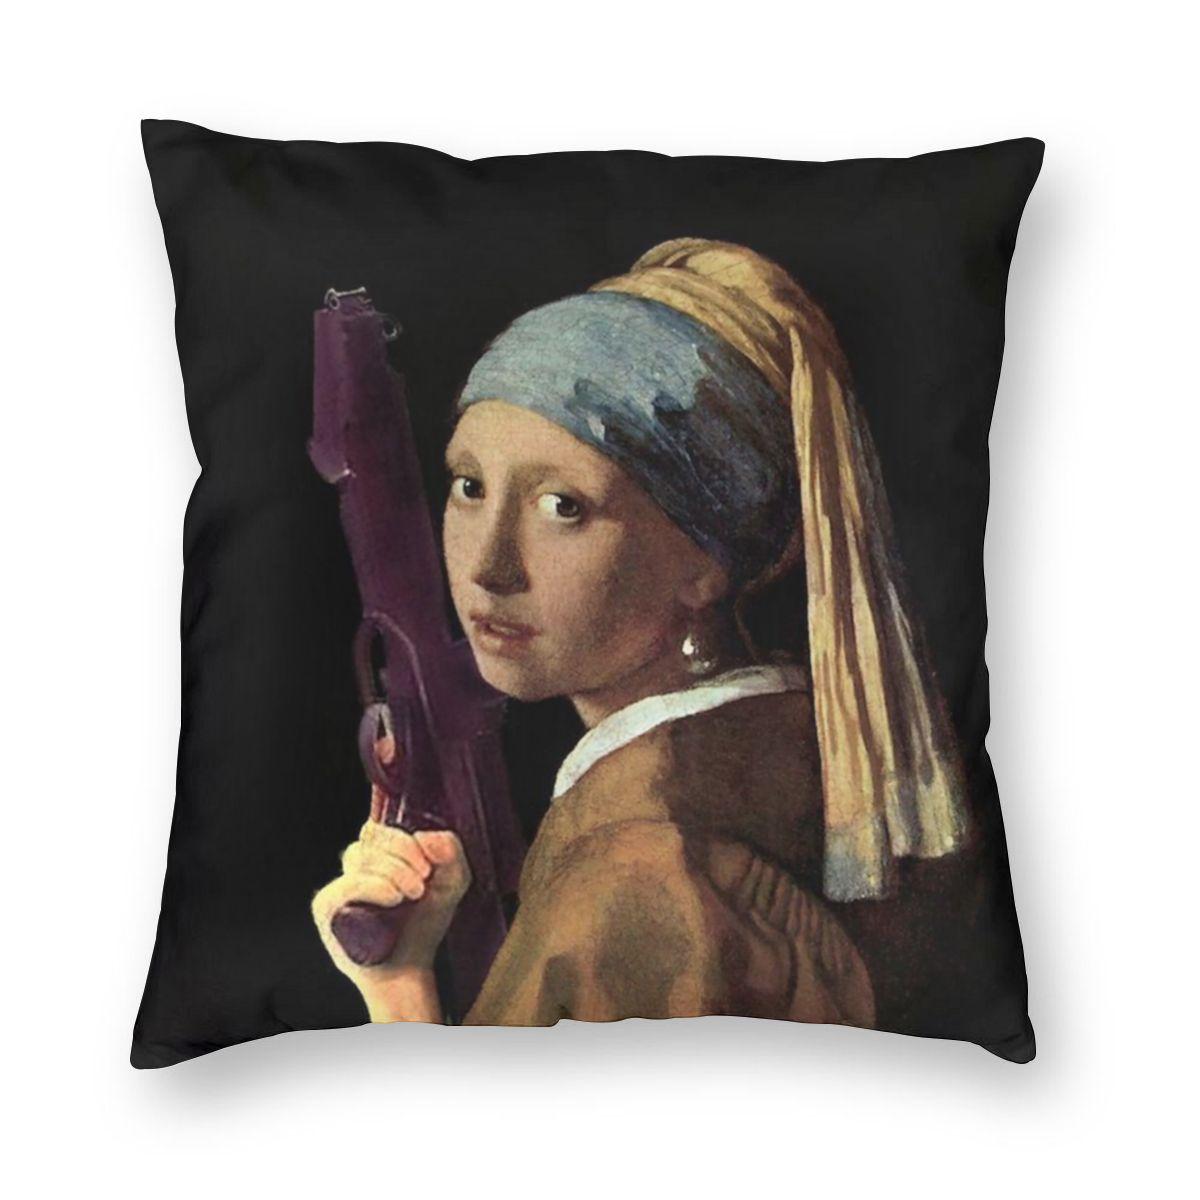 Menina com uma pérola brinco segurando um ray gun johannes vermeer fronha decoração arte capa de almofada lance travesseiro para o sofá